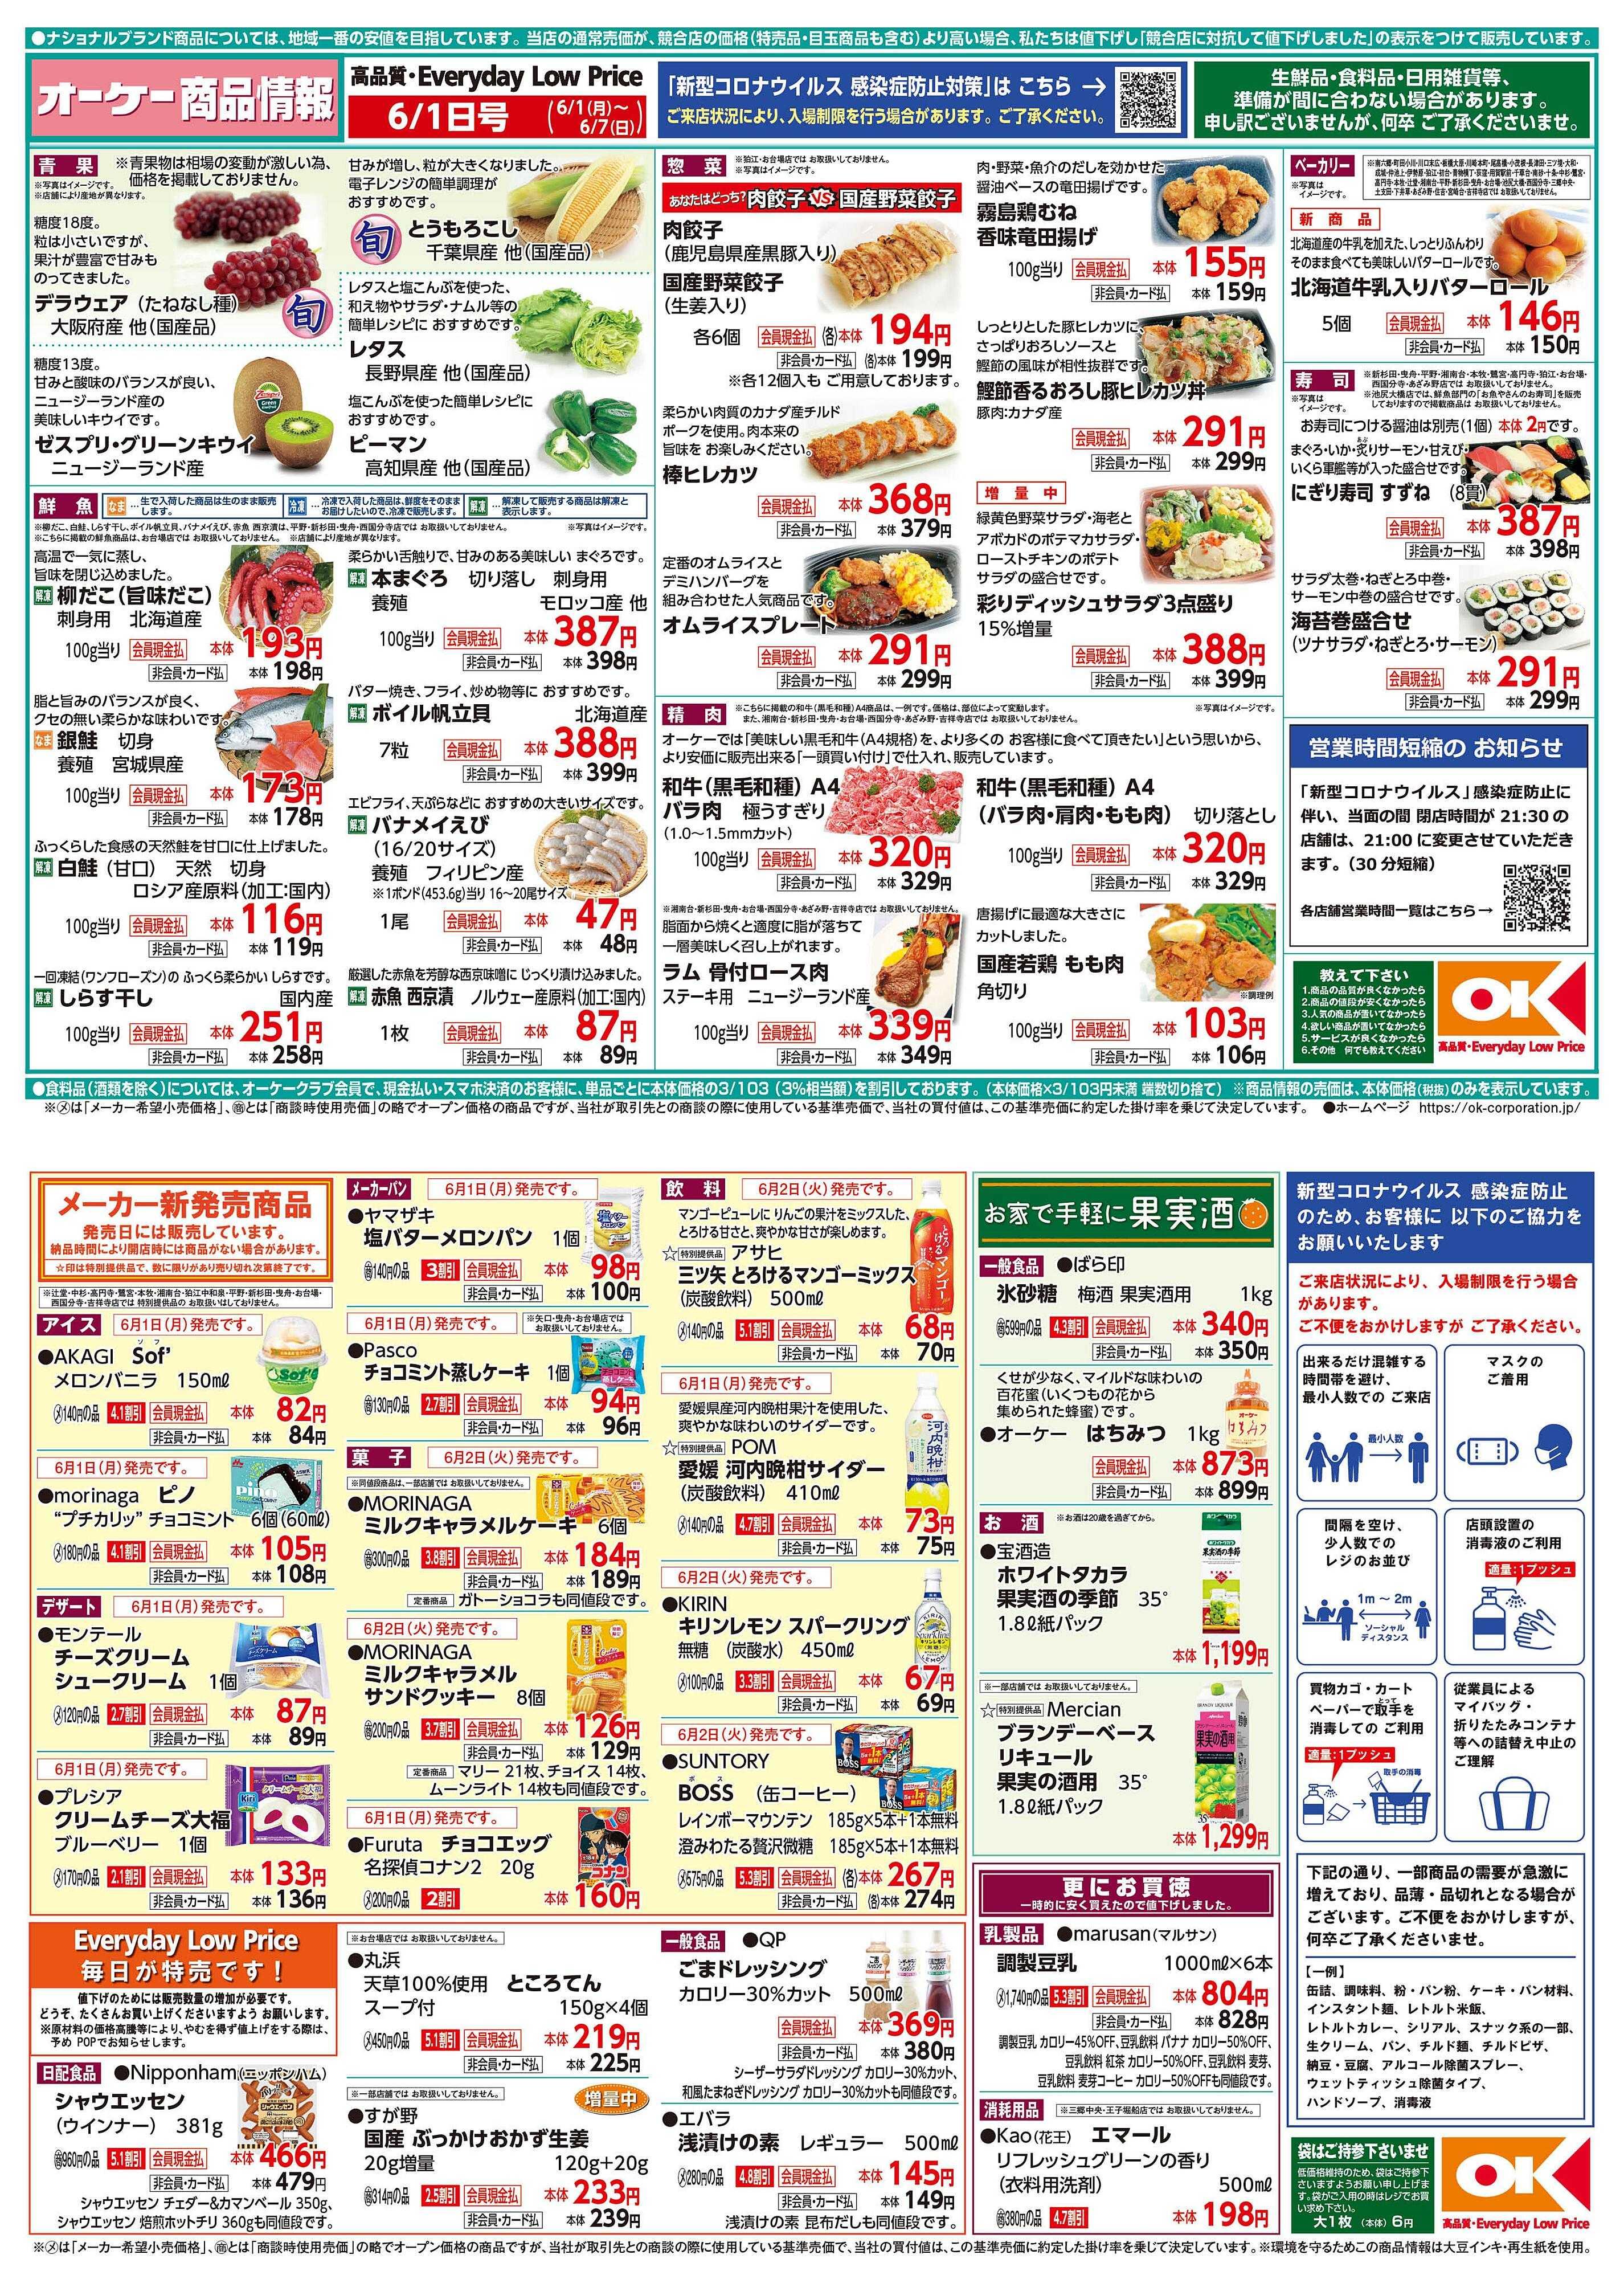 オーケー 商品情報紙6月1日号